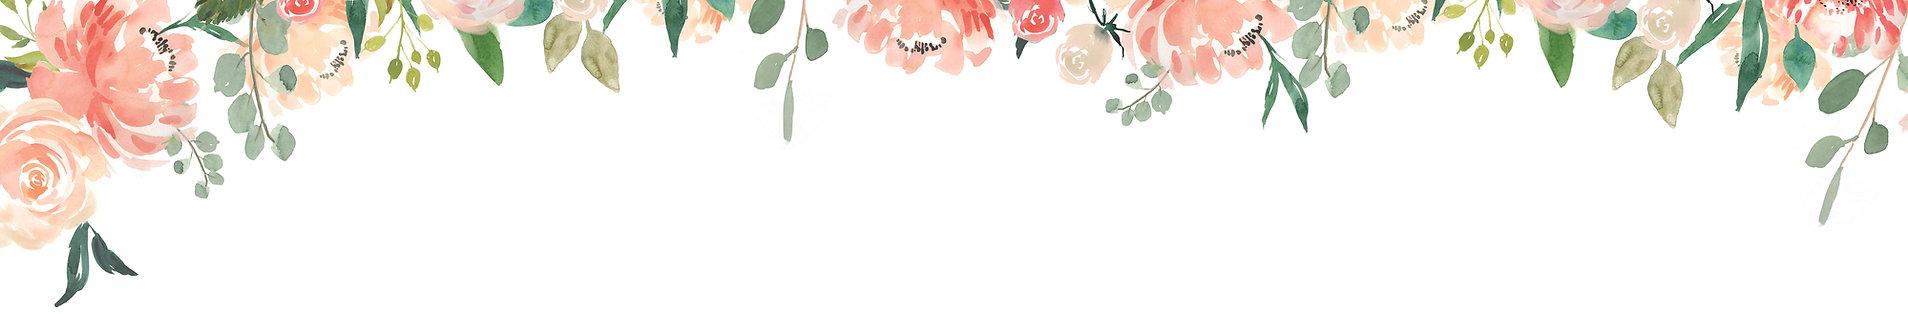 websiteheader3.jpg